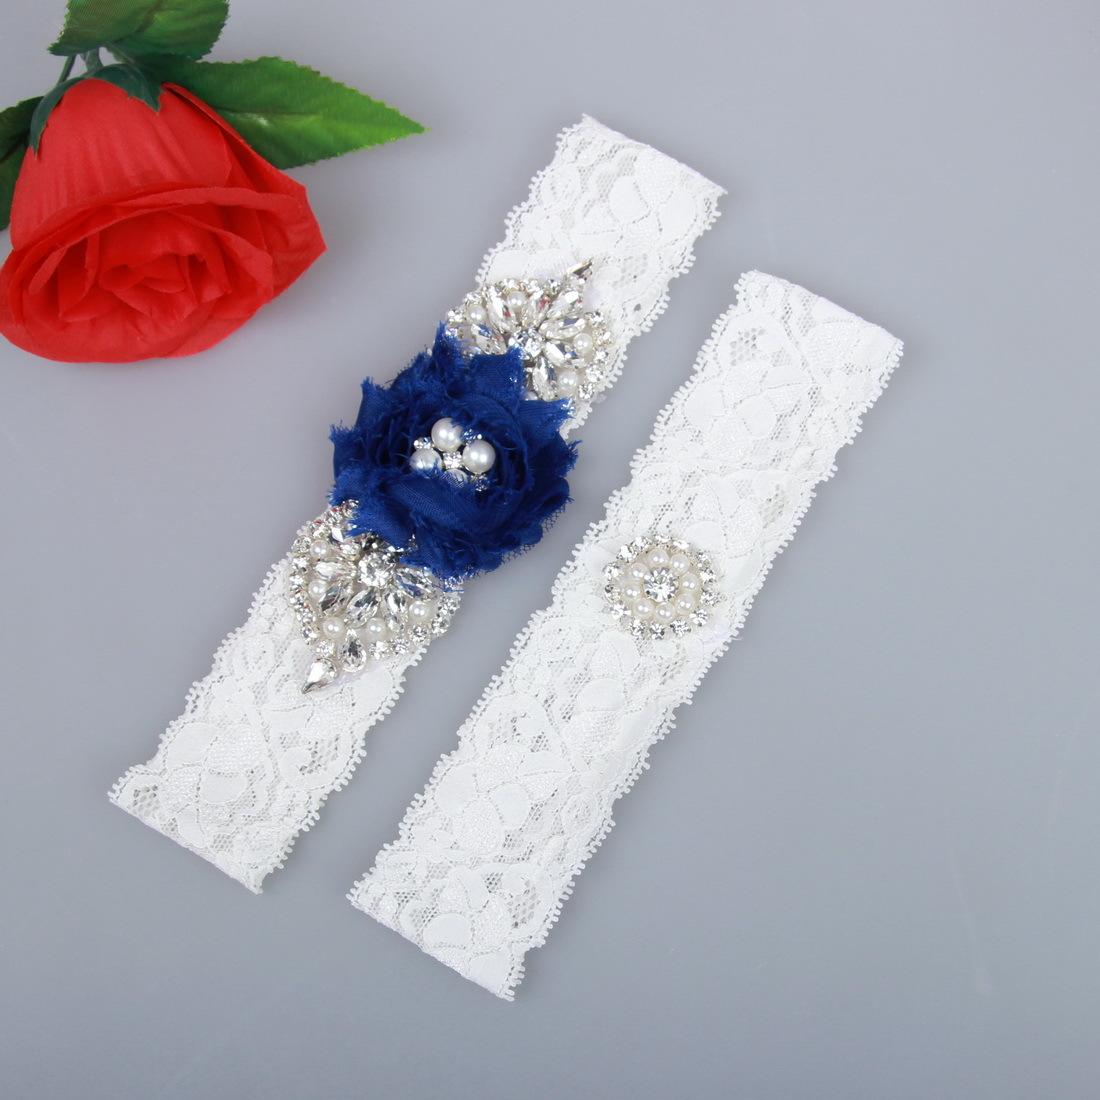 Satin-Strumpfband Braut schwarz royal-blau mit Schleifen Rose Hochzeit NEU EU